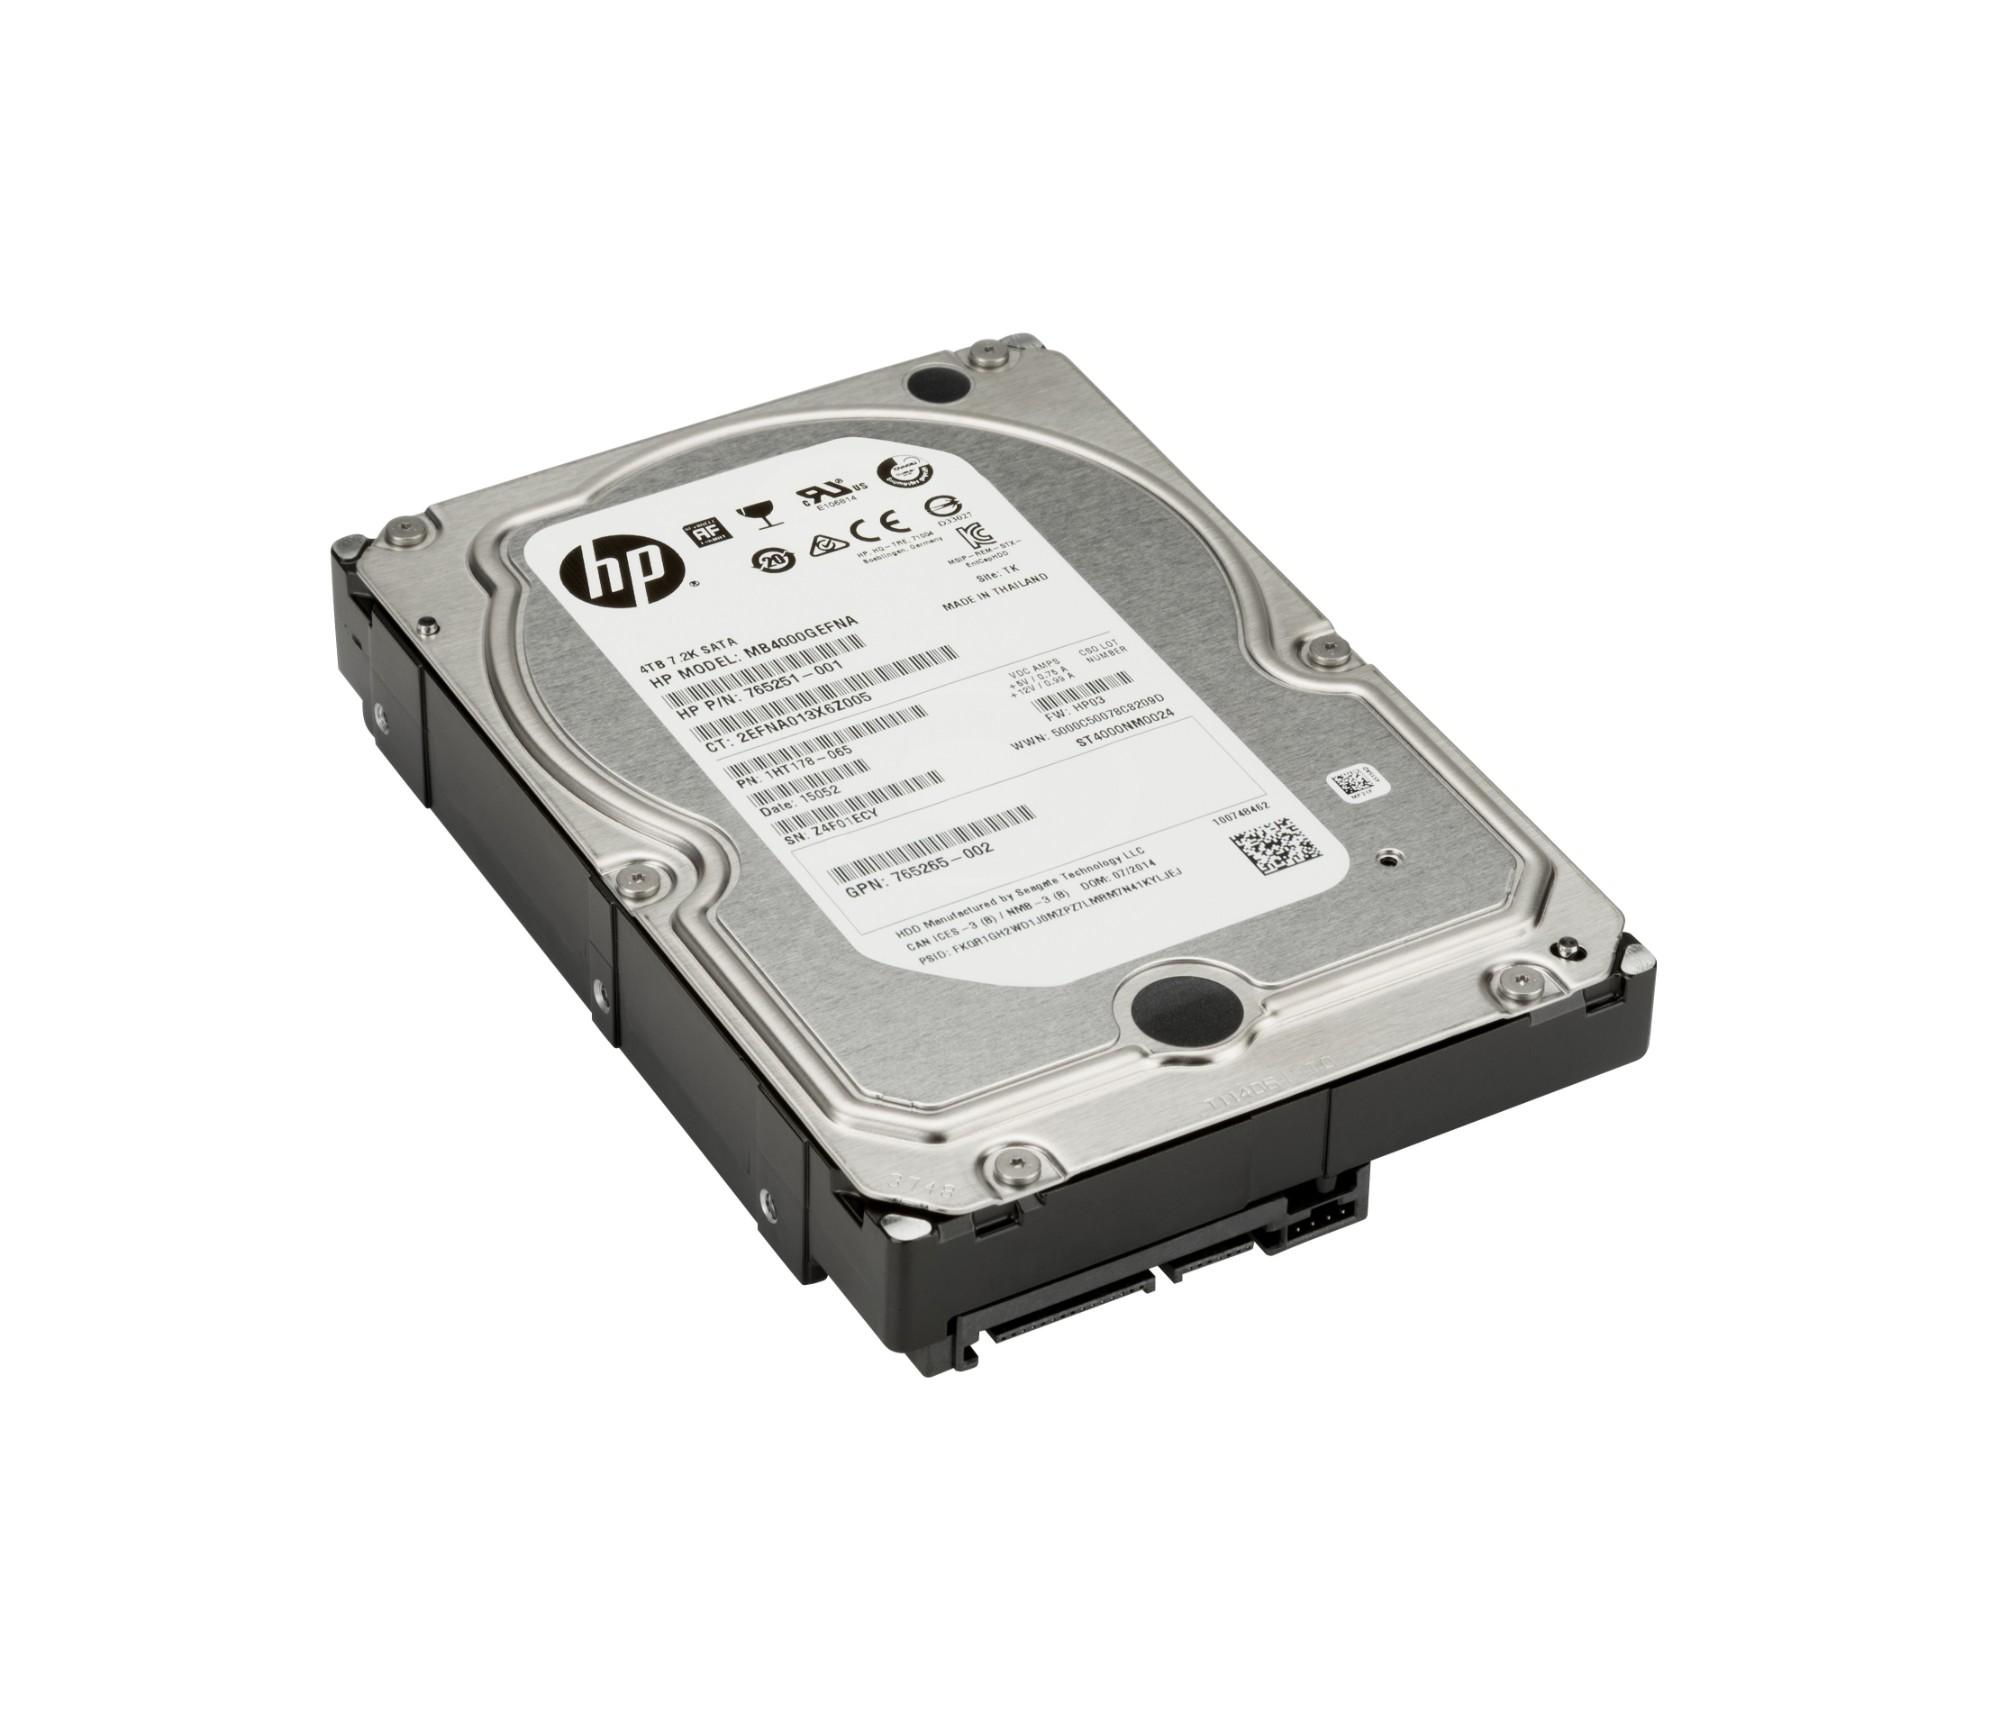 HP 1TB SATA 7200rpm Hard DriveZZZZZ], L3M56AA